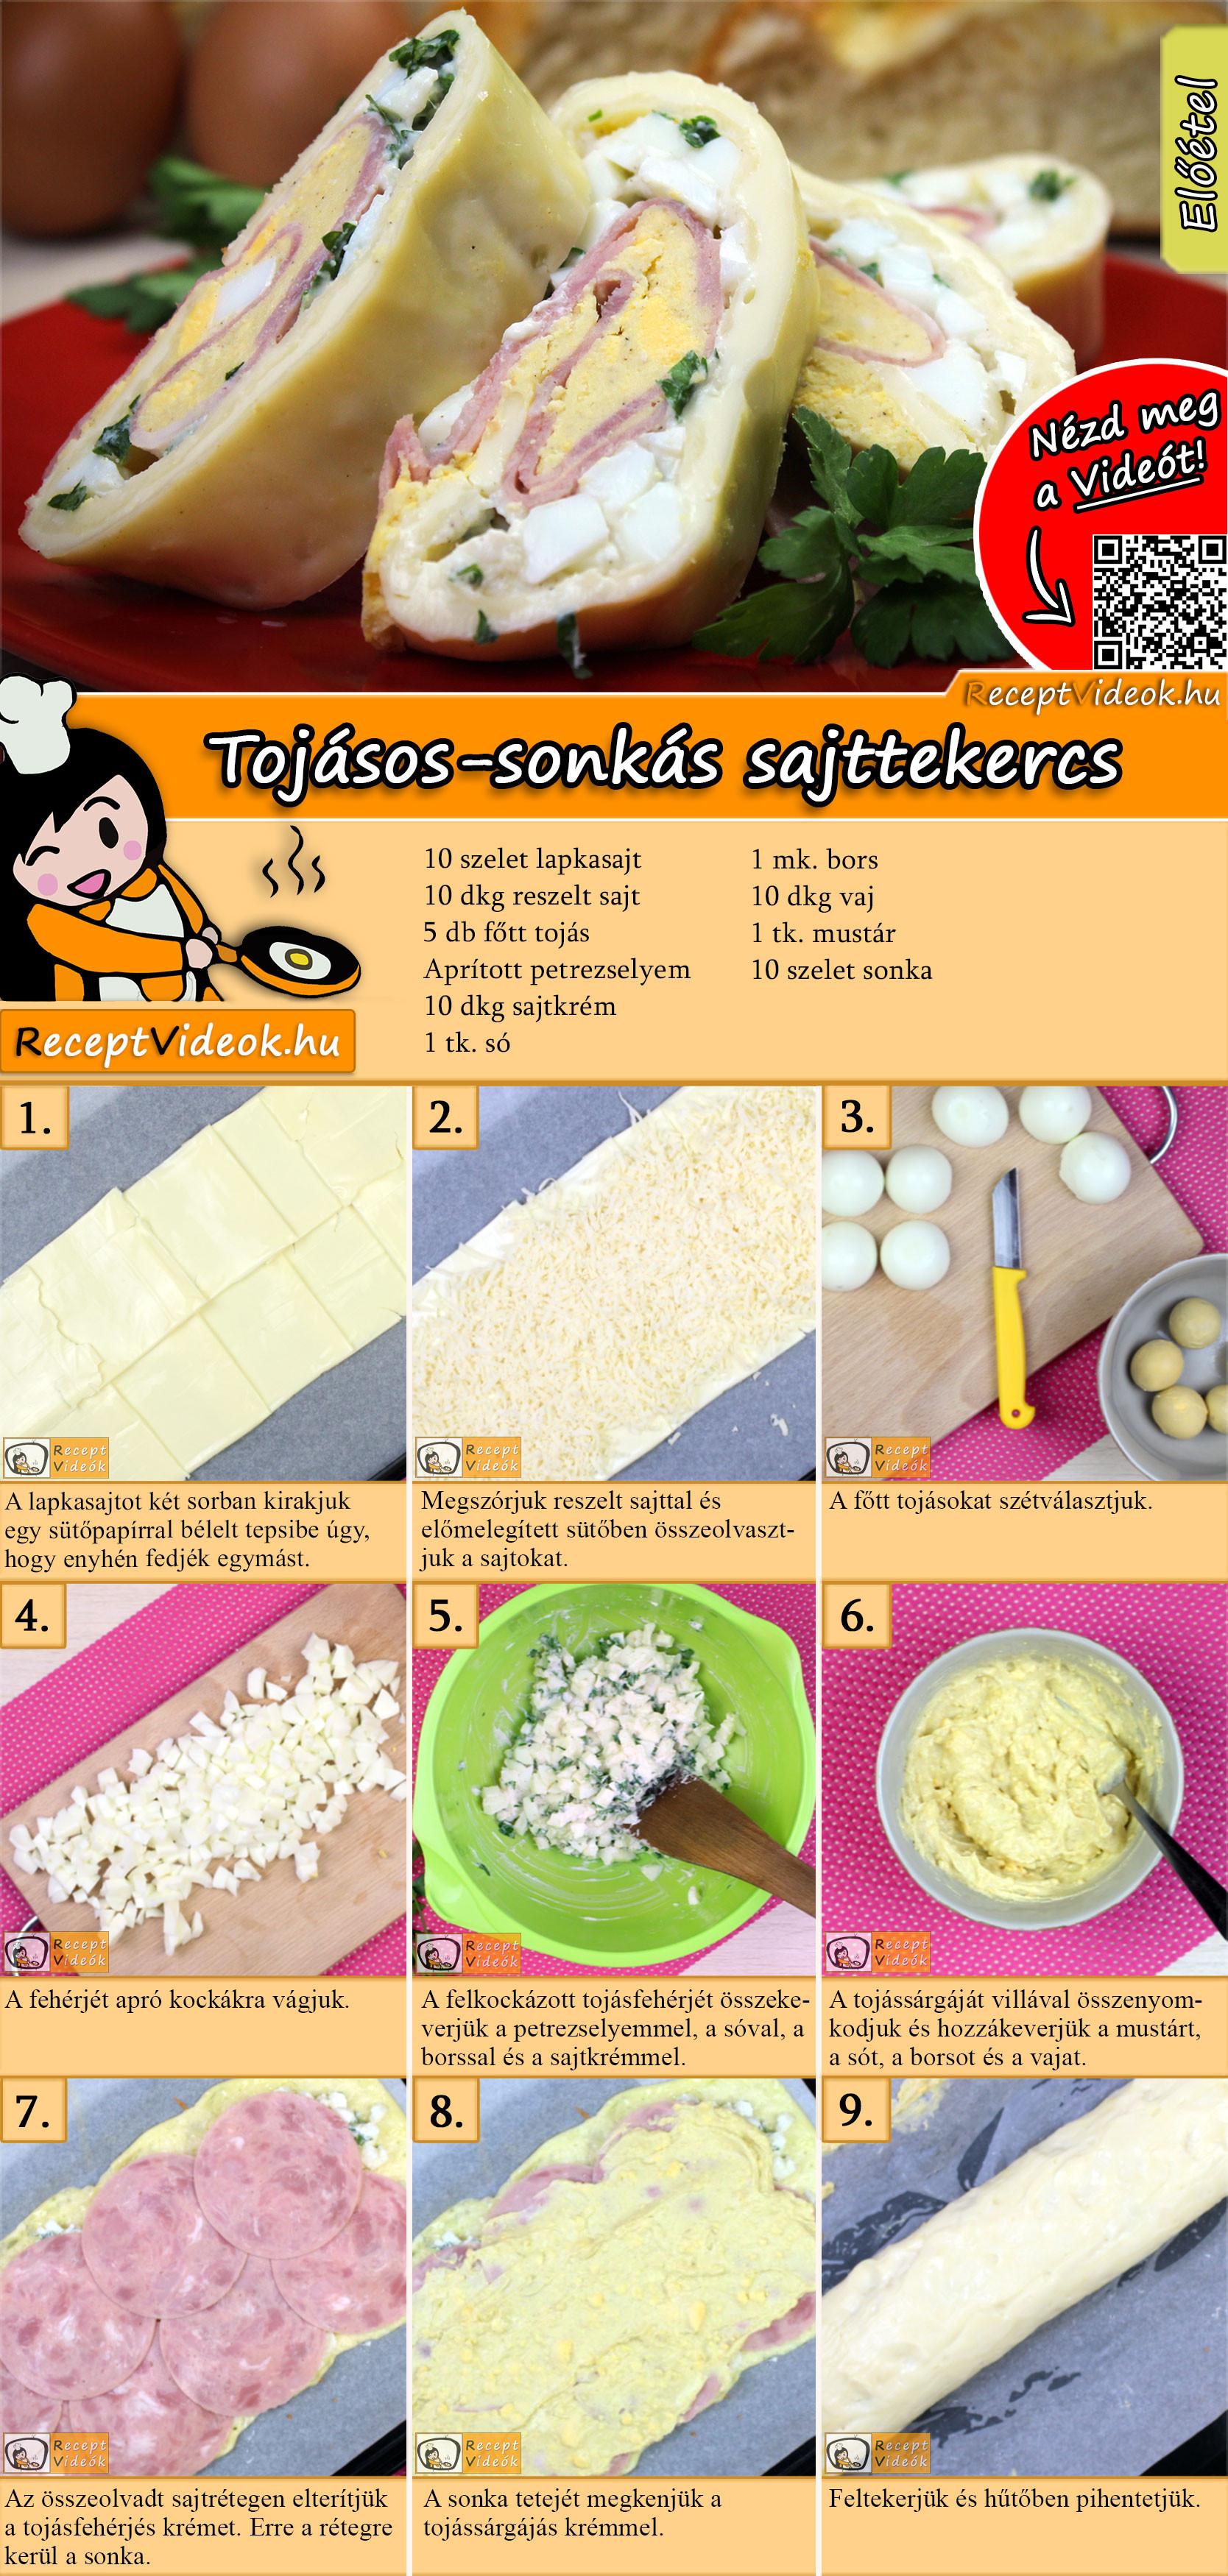 Tojásos-sonkás sajttekercs recept elkészítése videóval